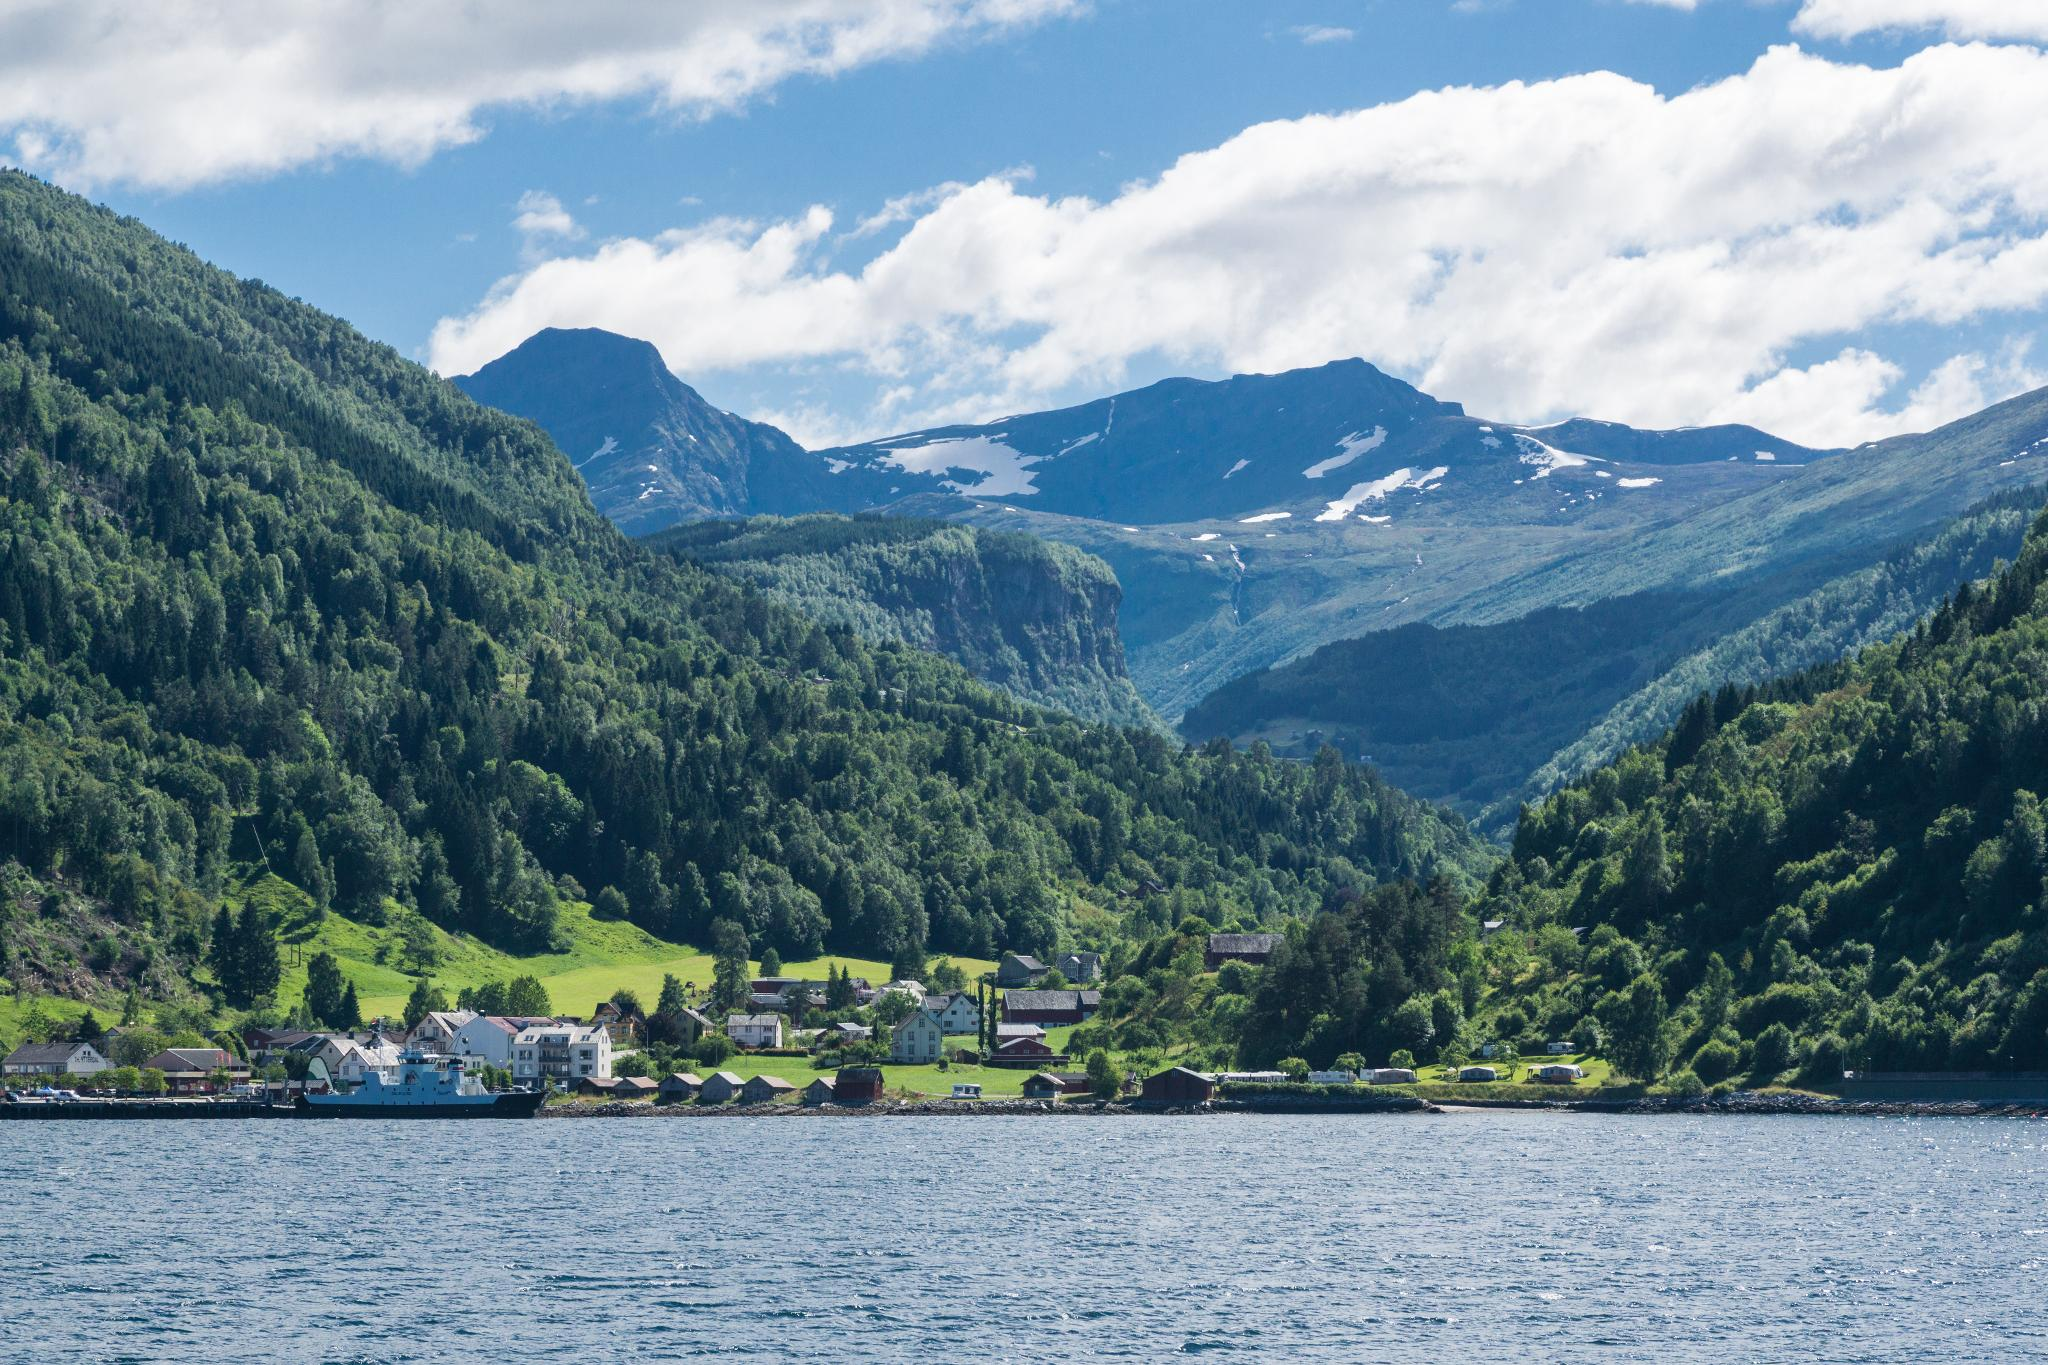 【北歐景點】Trollstigen 精靈之路 ∣ 挪威最驚險的世界級景觀公路 44